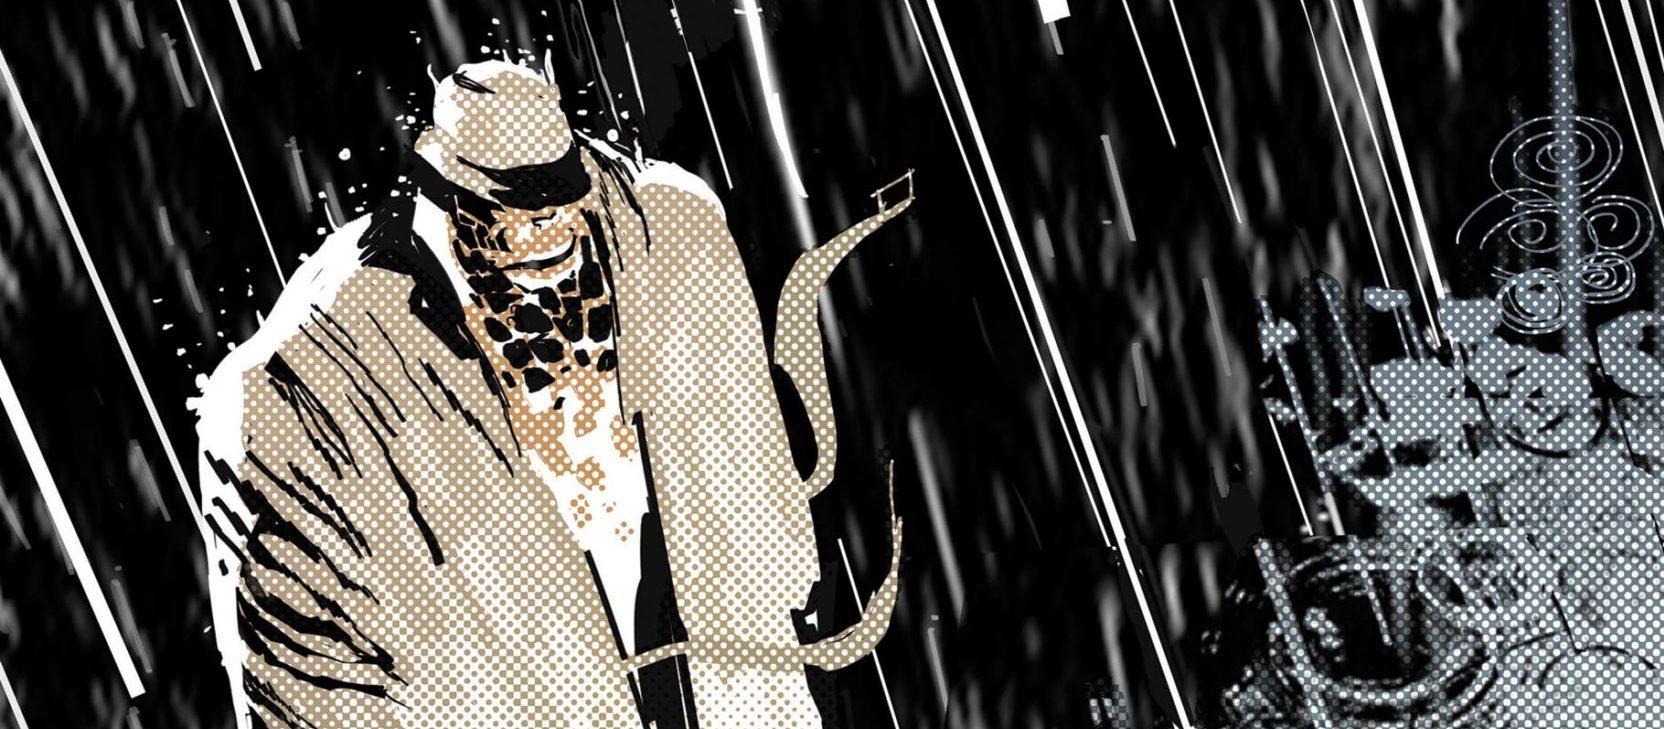 Fantastic Four Grimm Noir #1 (Review)